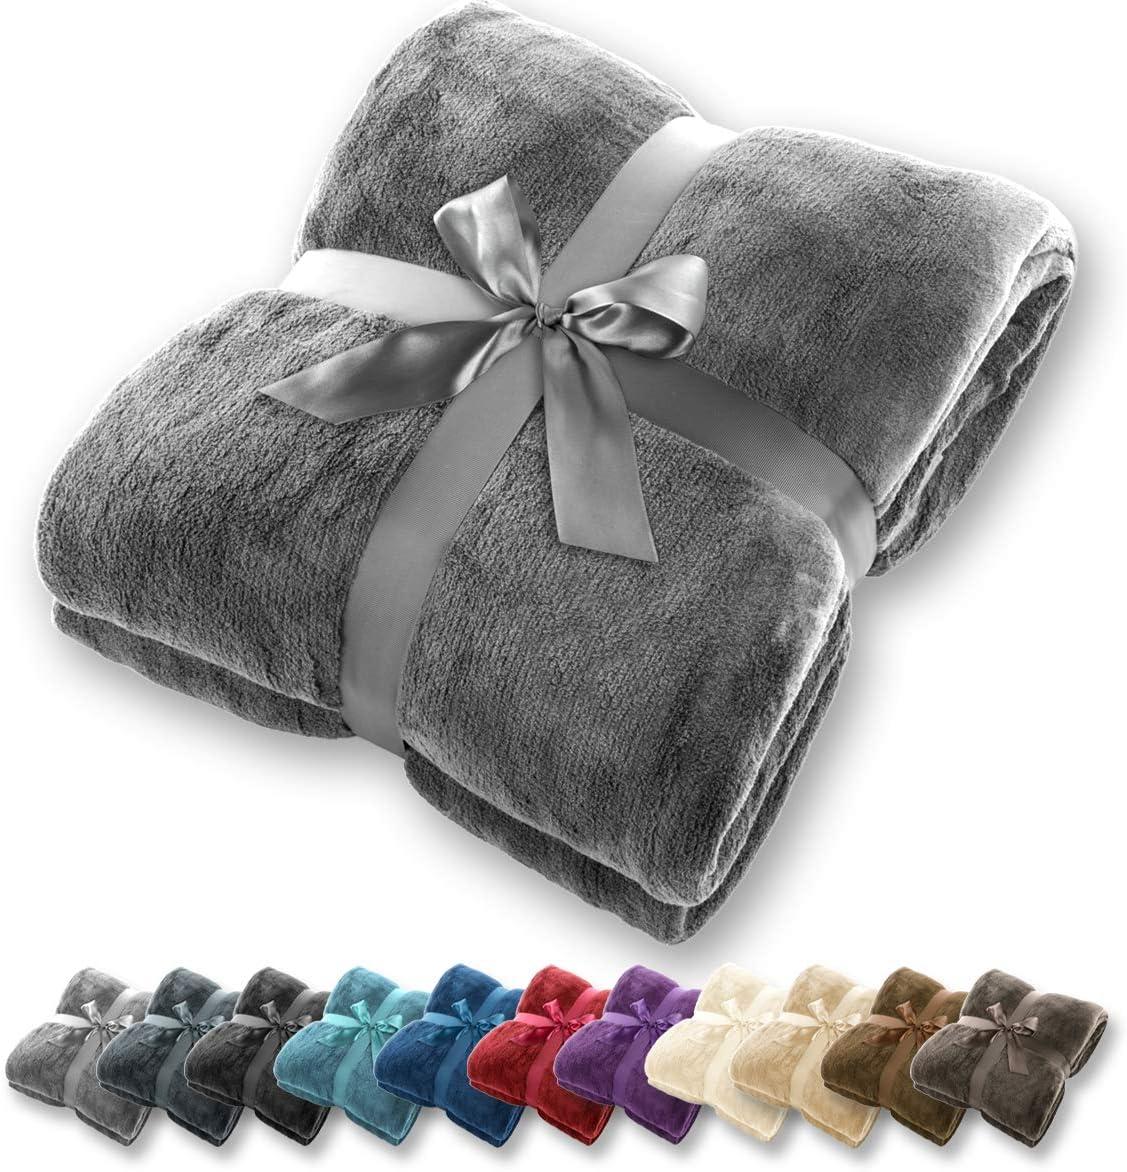 Manta Gräfenstayn® - Muchos tamaños y colores diferentes - Manta de microfibra Manta para sala de estar Manta para cama - Fibra polar de microfibra de franela (Gris, 240x220 cm)